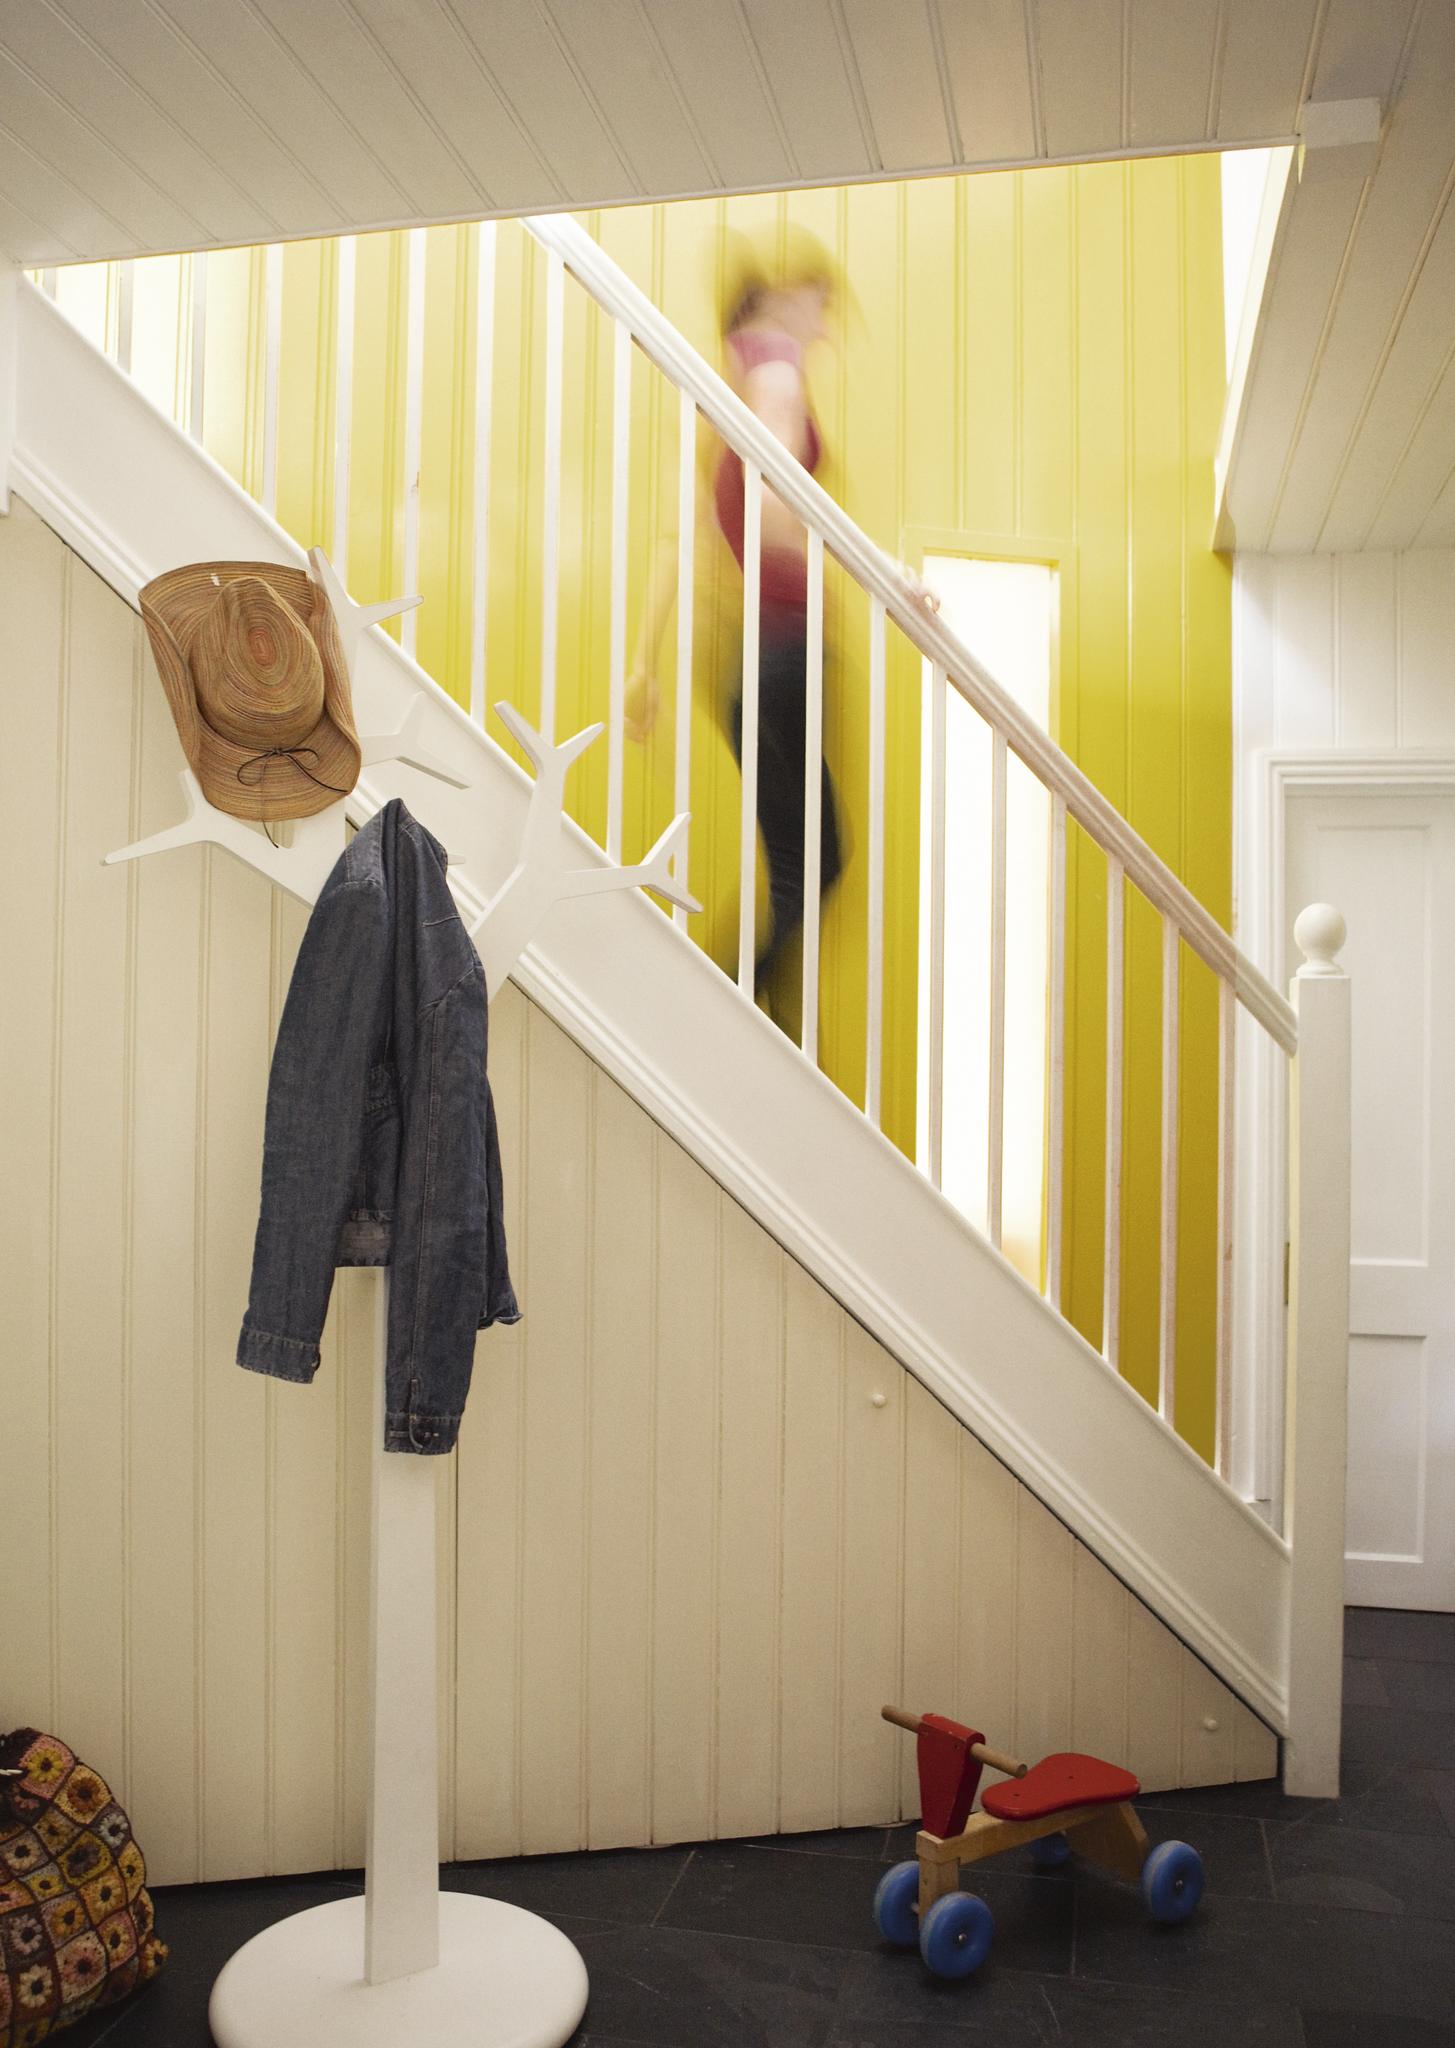 Tøffe trapper - Nordsjö Idé & Design